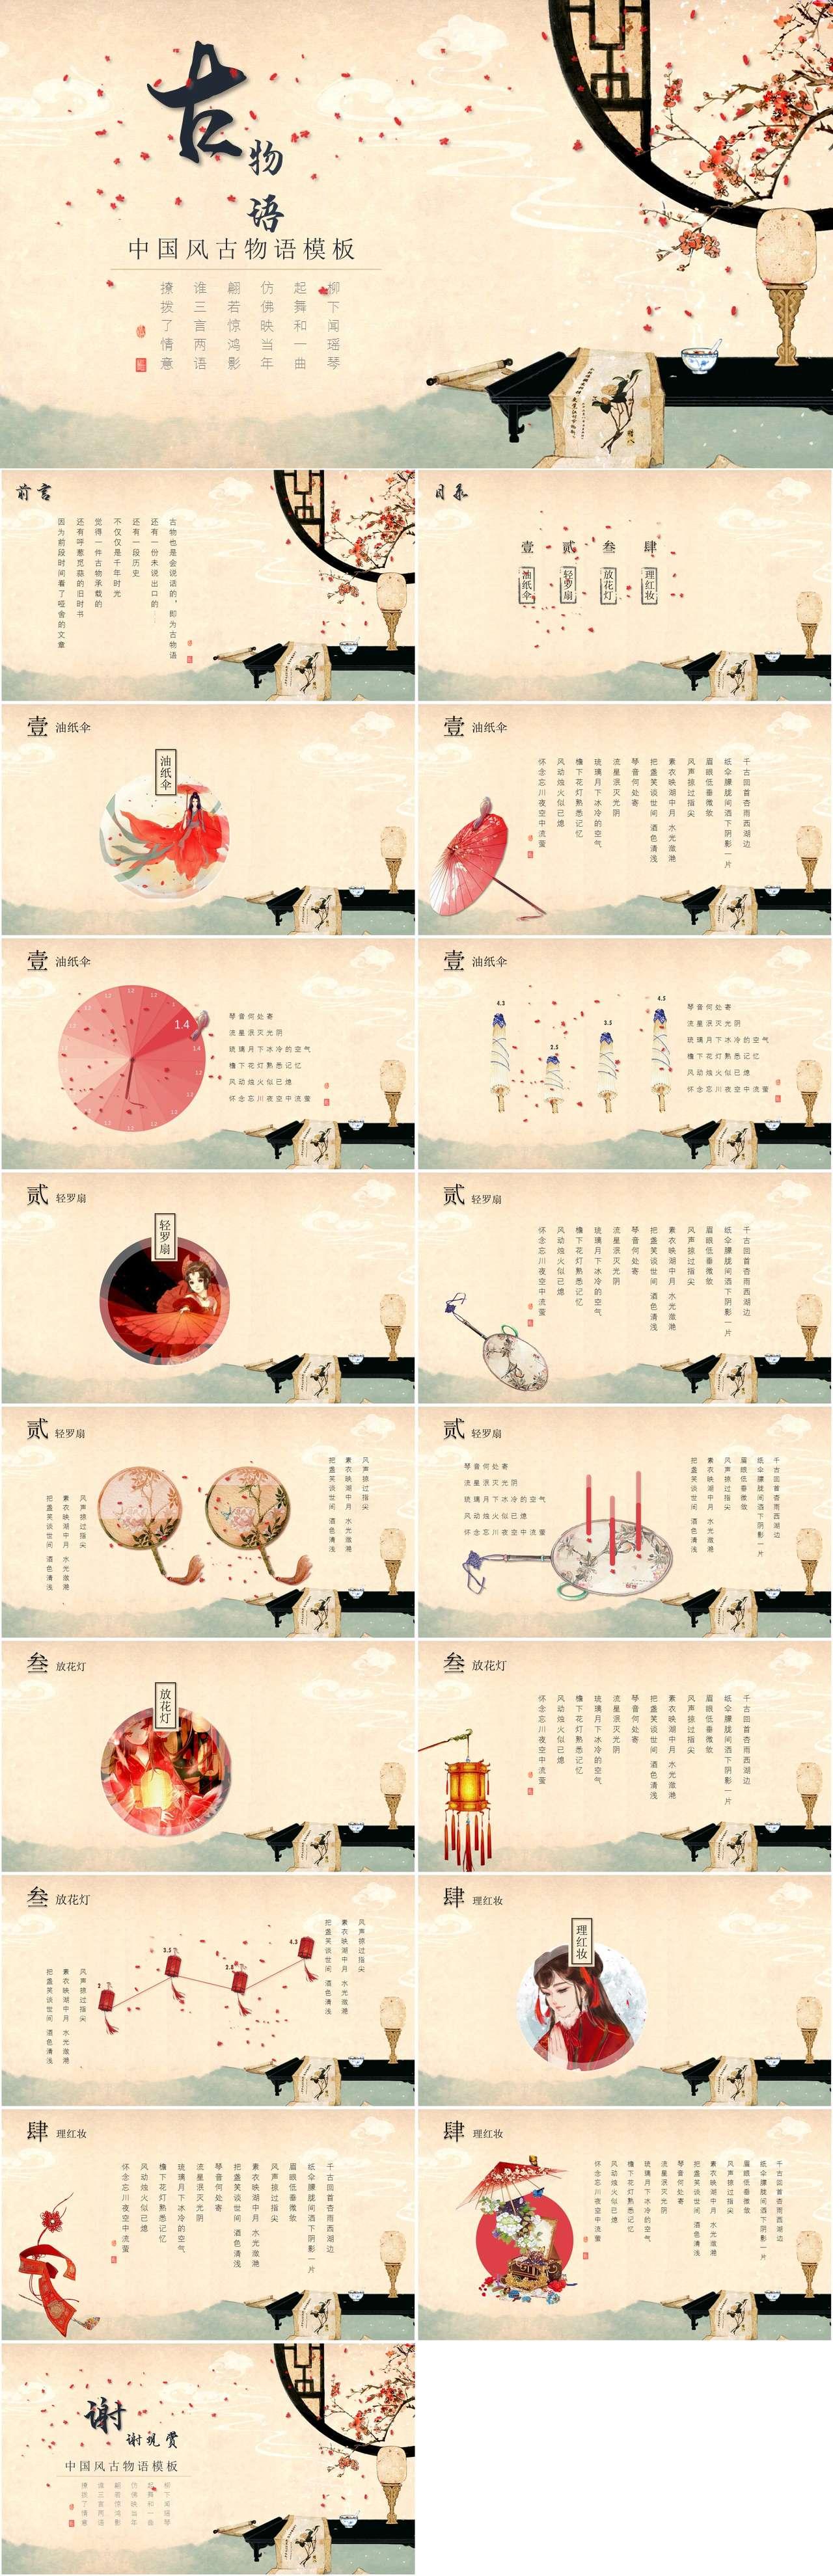 中国风古物语传统文化教育宣传PPT模板插图1